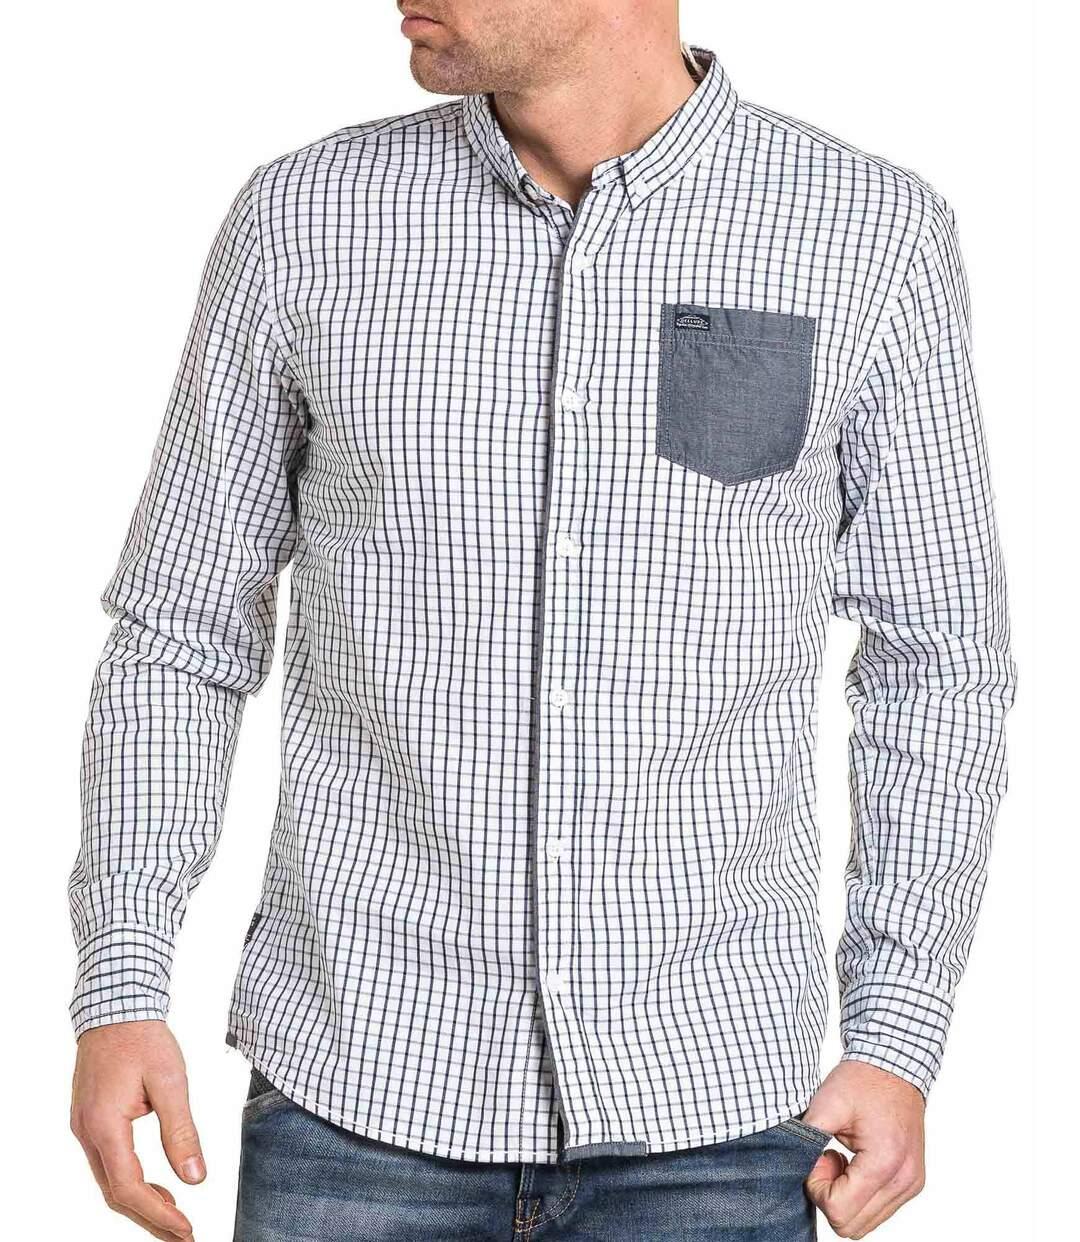 Chemise homme blanche à carreaux bleu poche poitrine